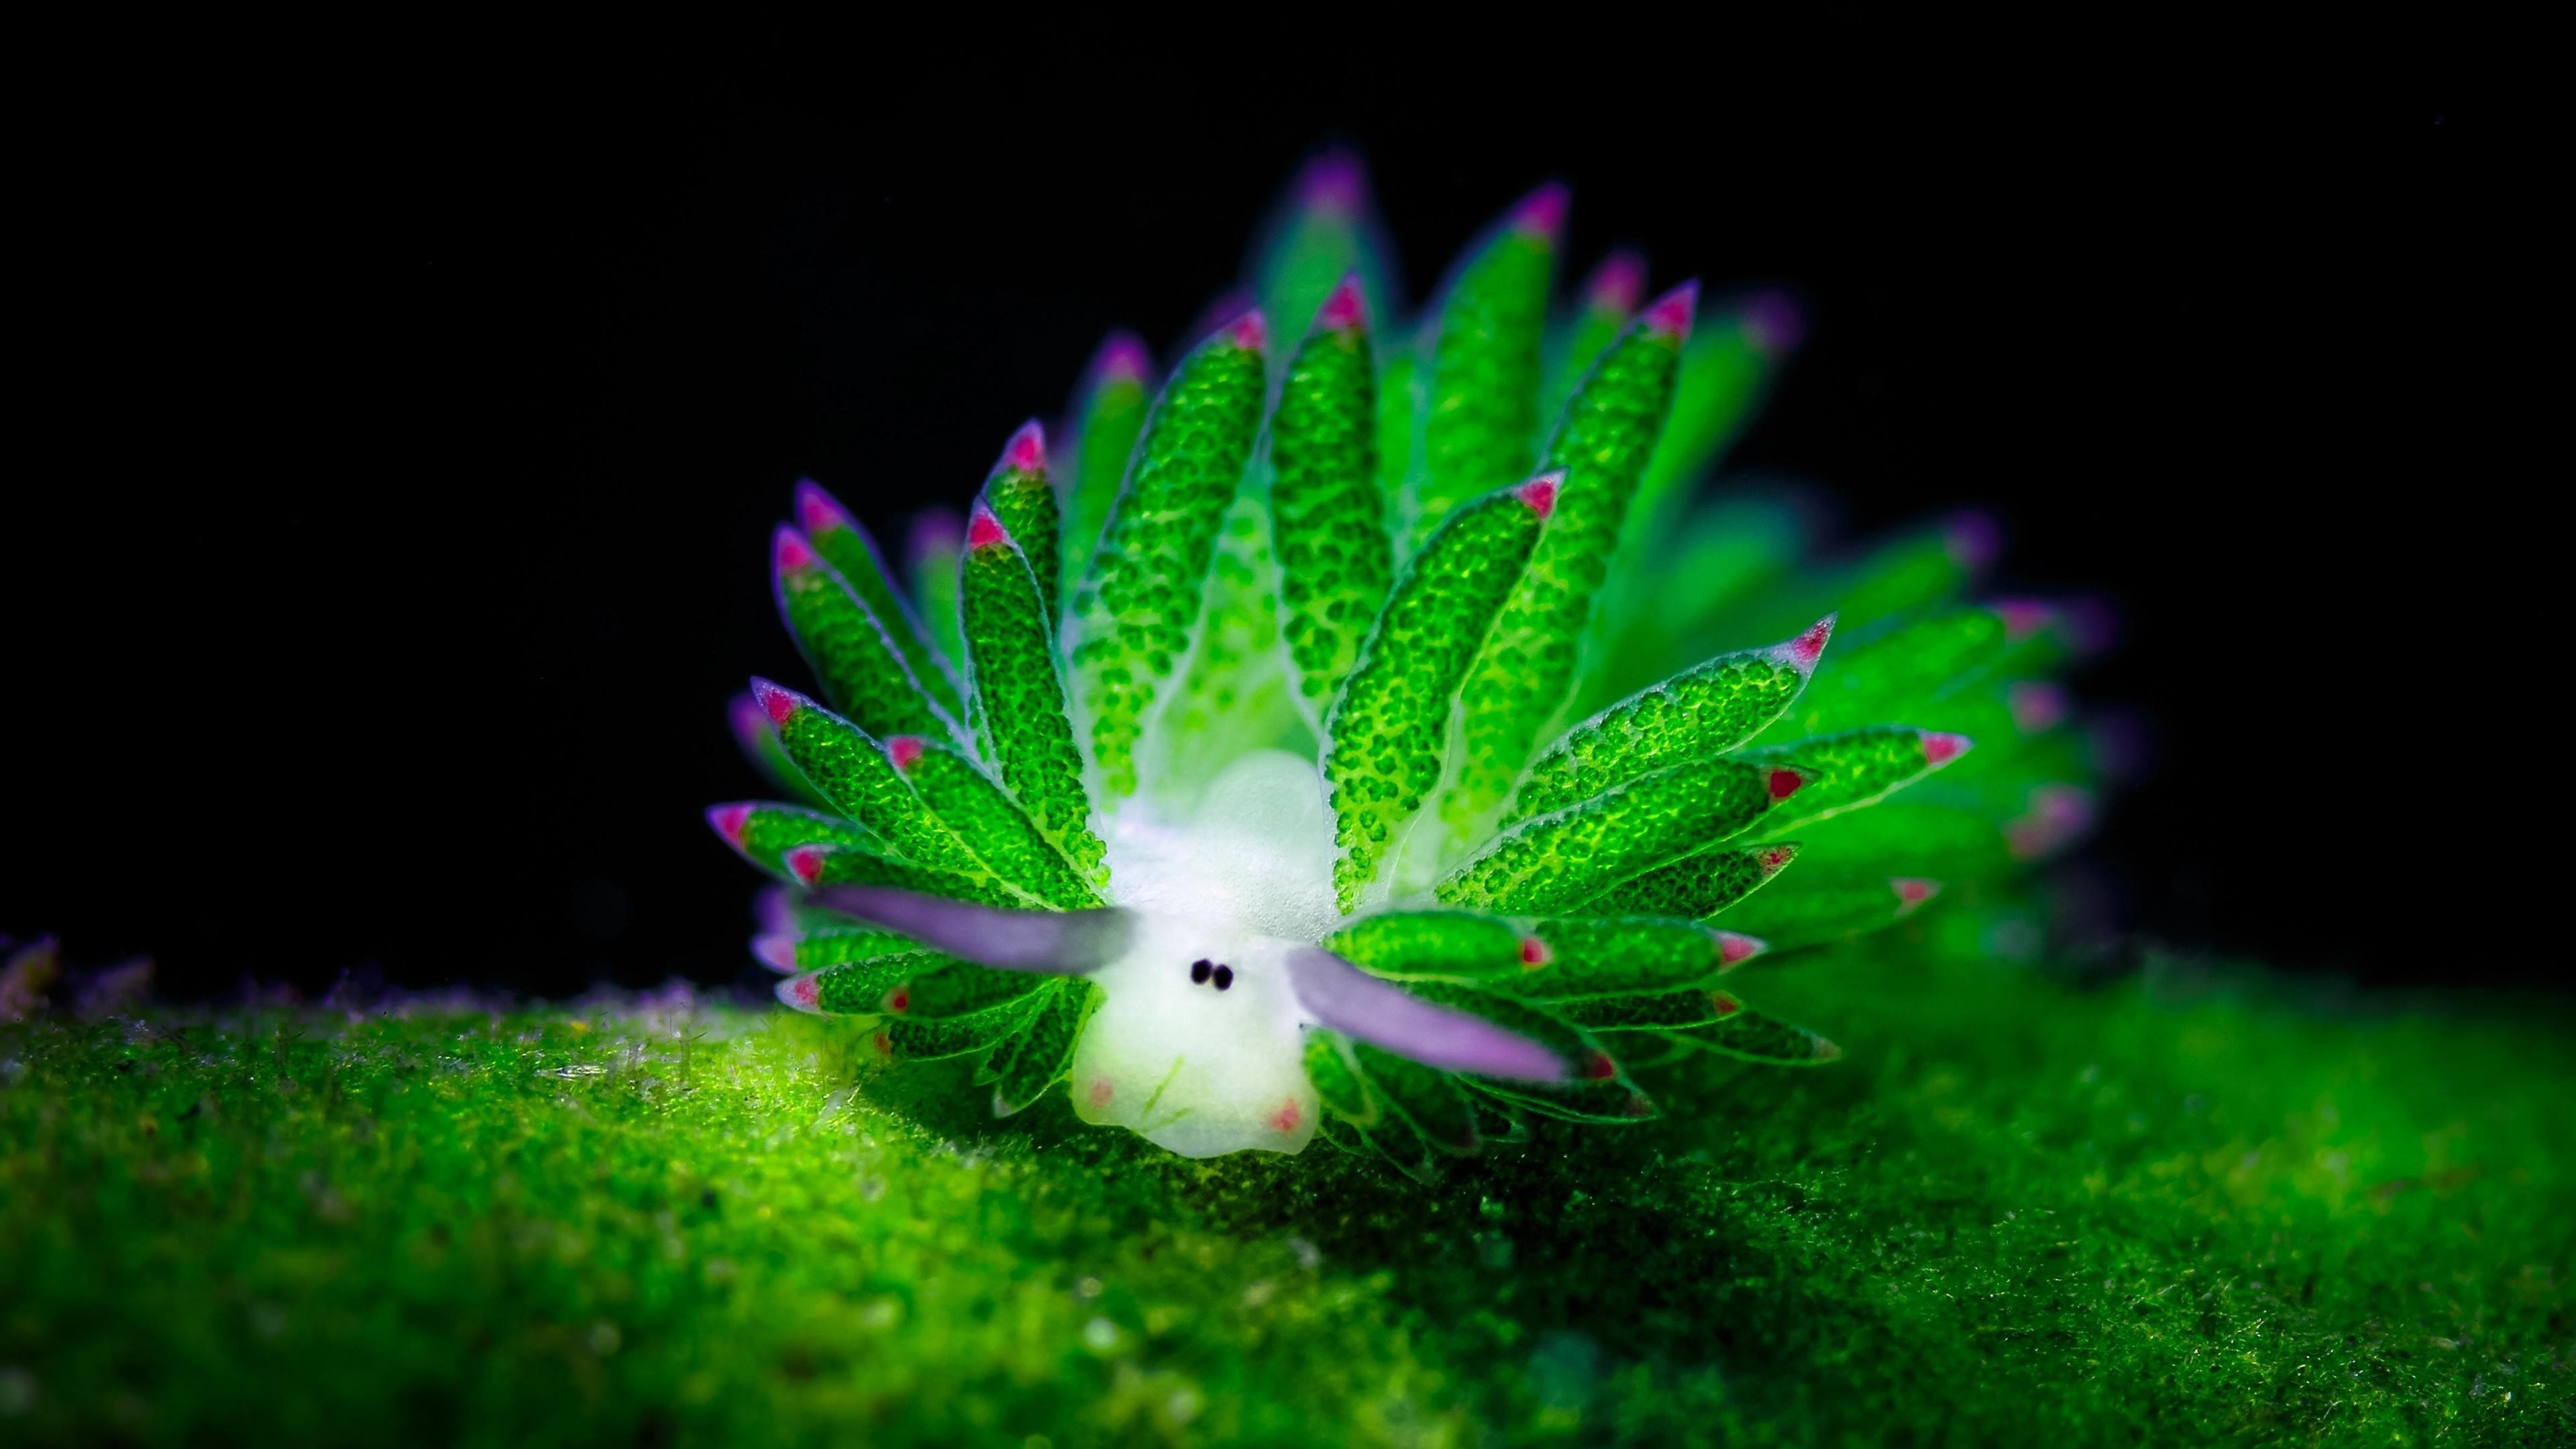 nudibranchia plant underwater 1535930130 - Nudibranchia Plant Underwater - underwater wallpapers, nature wallpapers